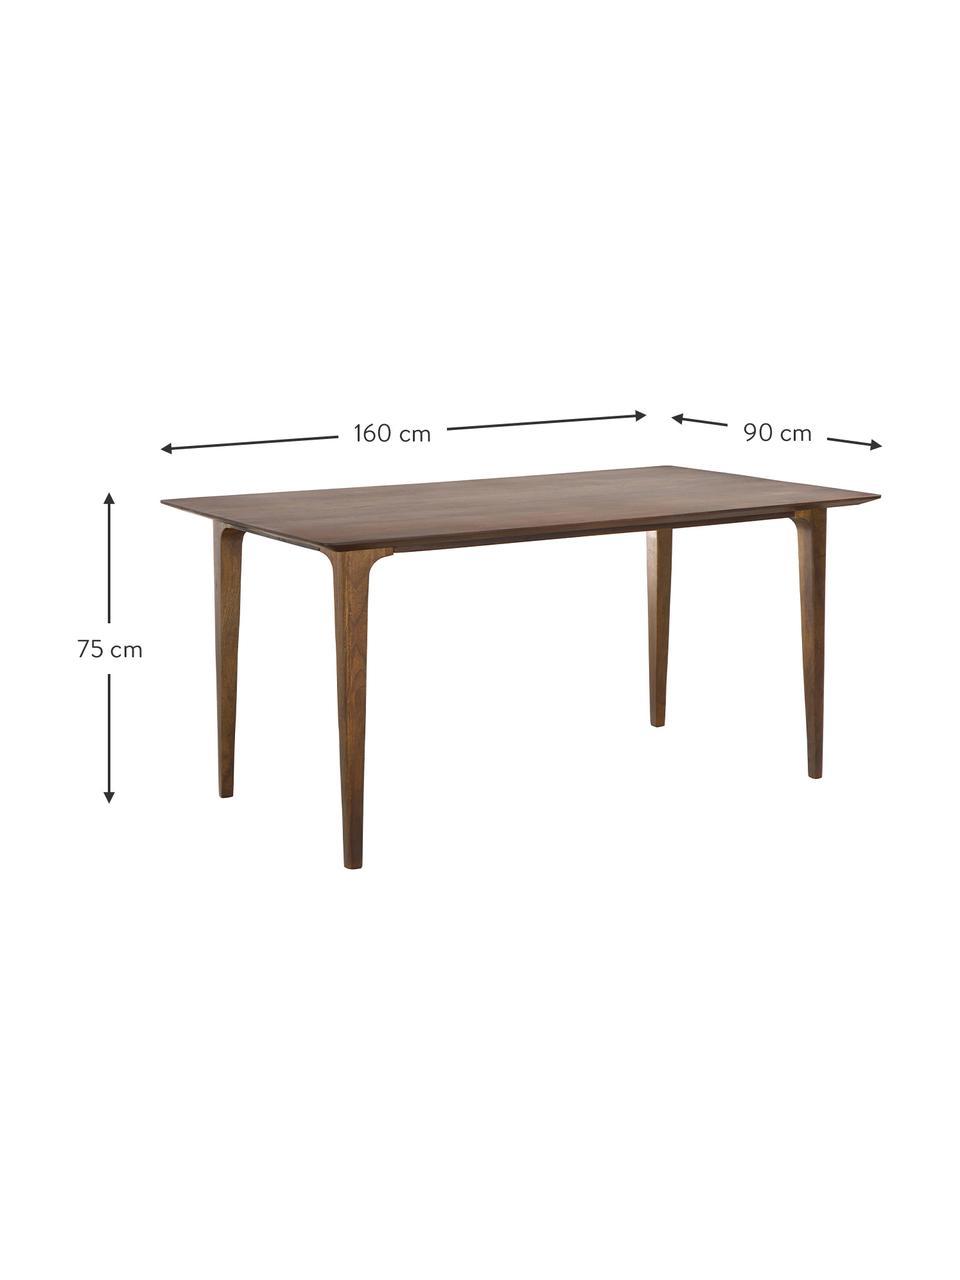 Tavolo in legno massello Archie, Legno massello di mango verniciato, Legno di mango, scuro verniciato, Larg. 160 x Prof. 90 cm